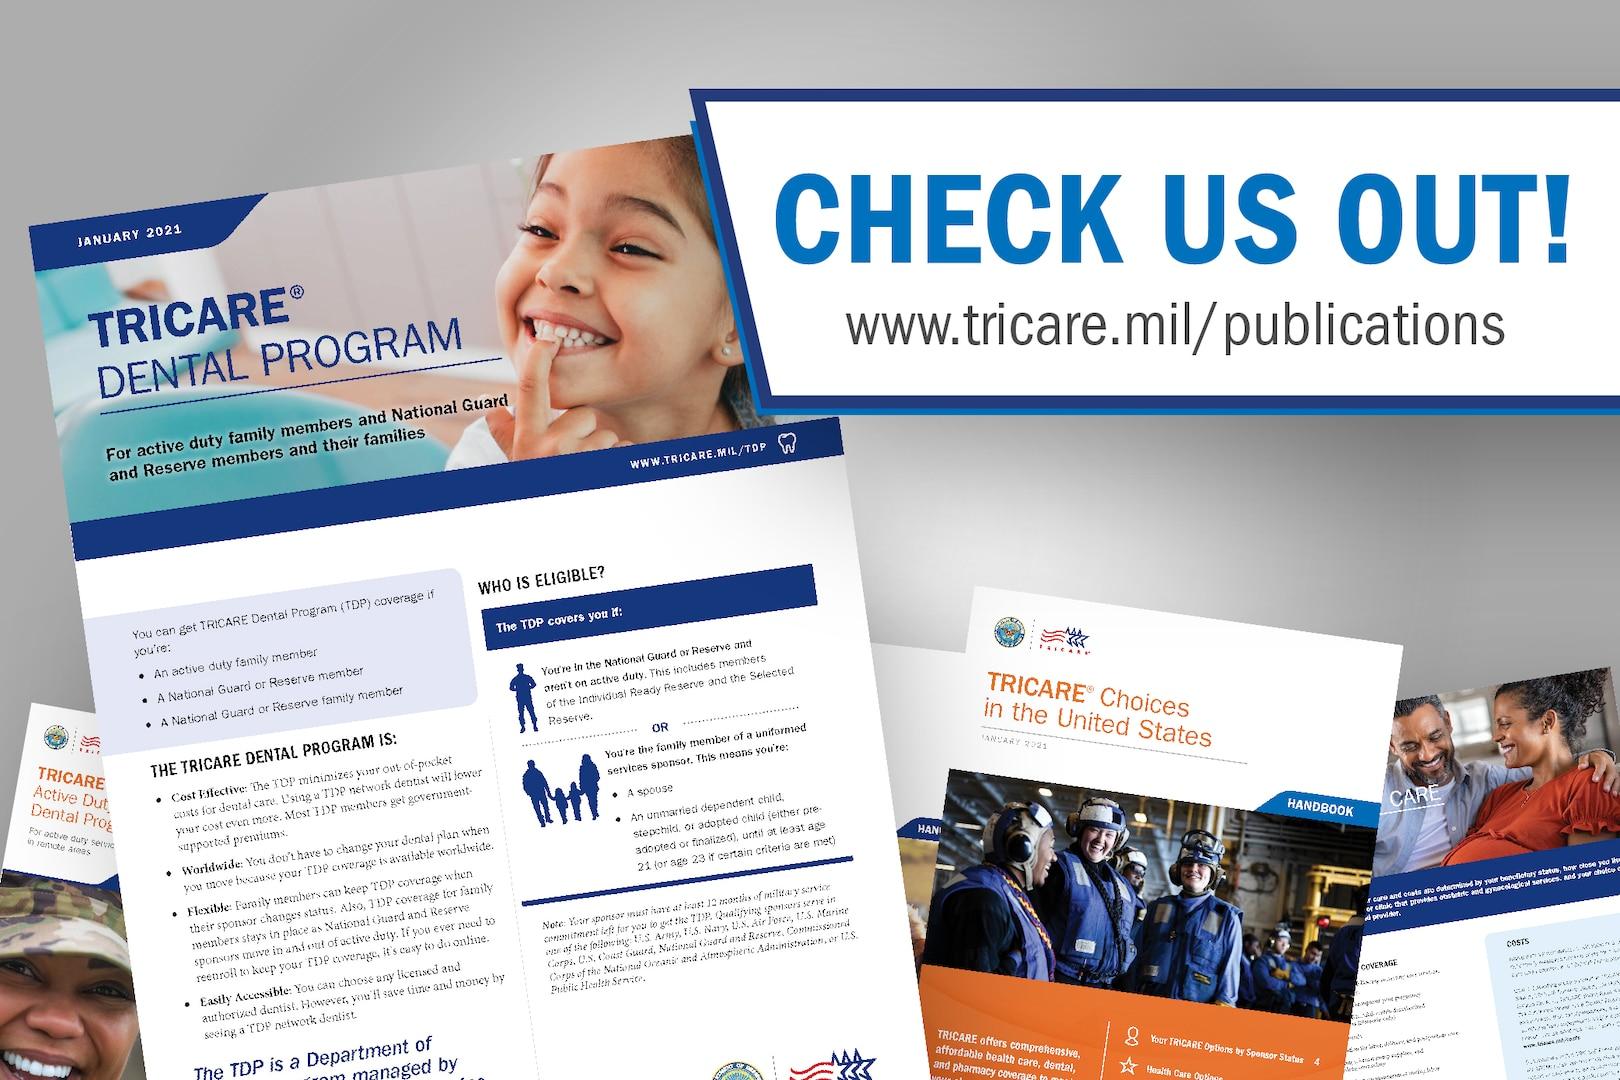 TRICARE Dental Program Benefit Brochure